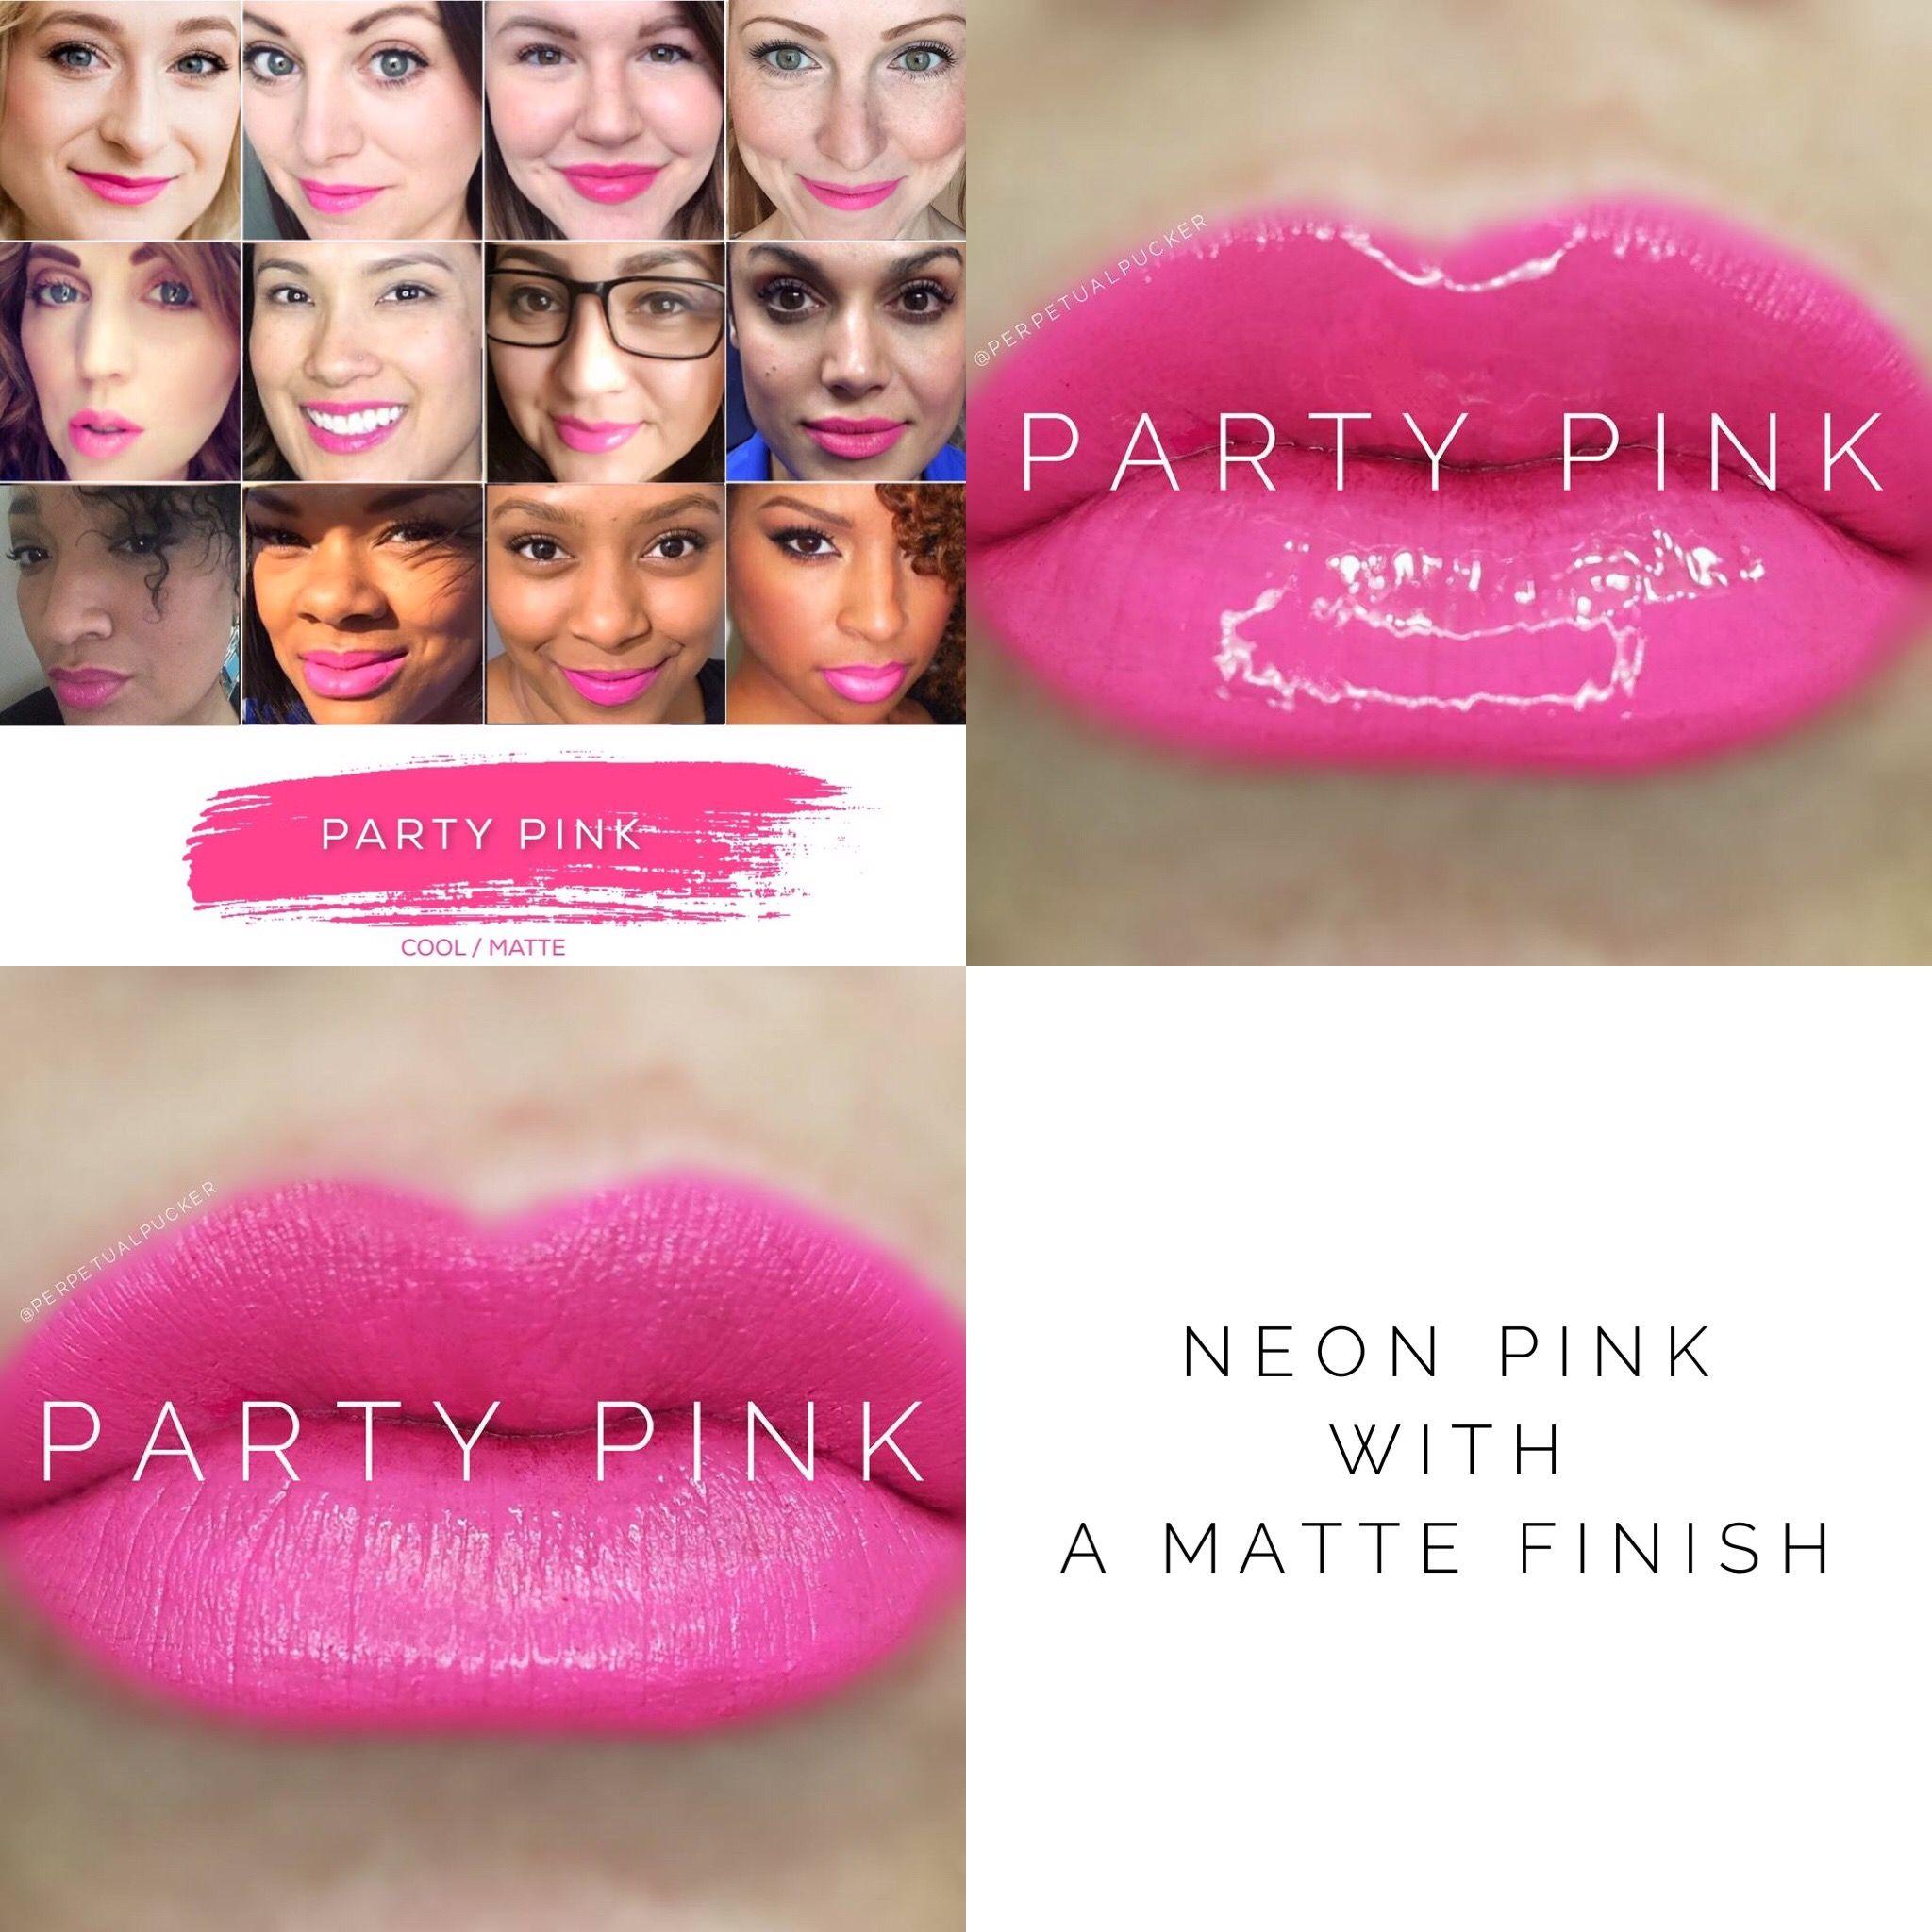 Party Pink LipSense